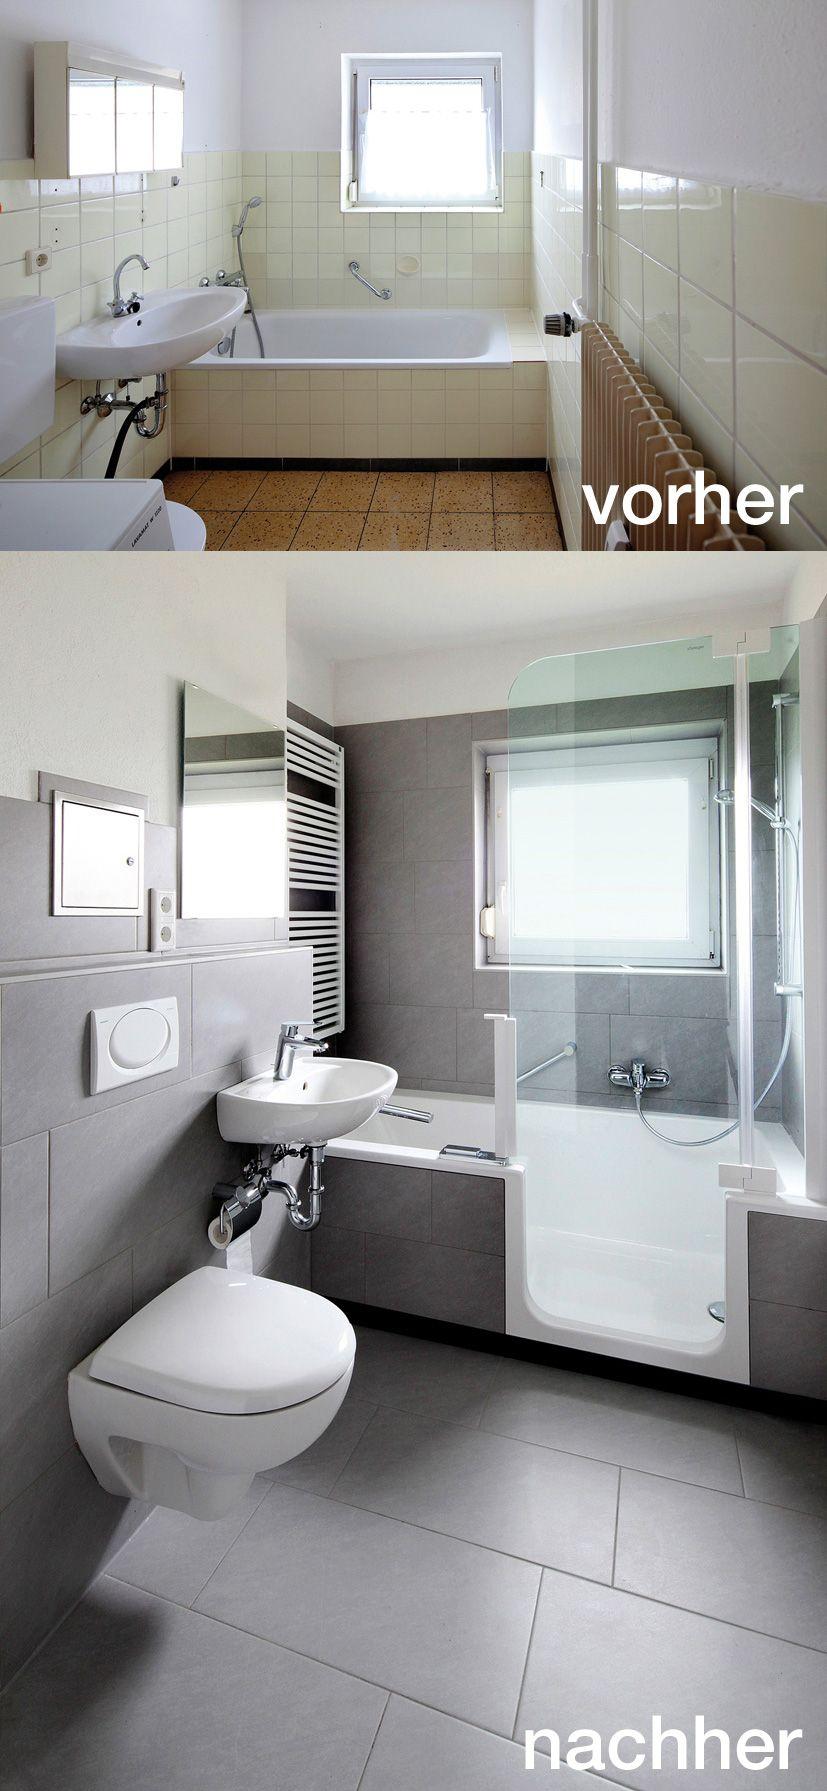 Perfect Badrenovierung Mit TWINLINE 2 Duschbadewanne (teilversenkt Mit Nur 5,5 Cm  Einstiegshöhe).